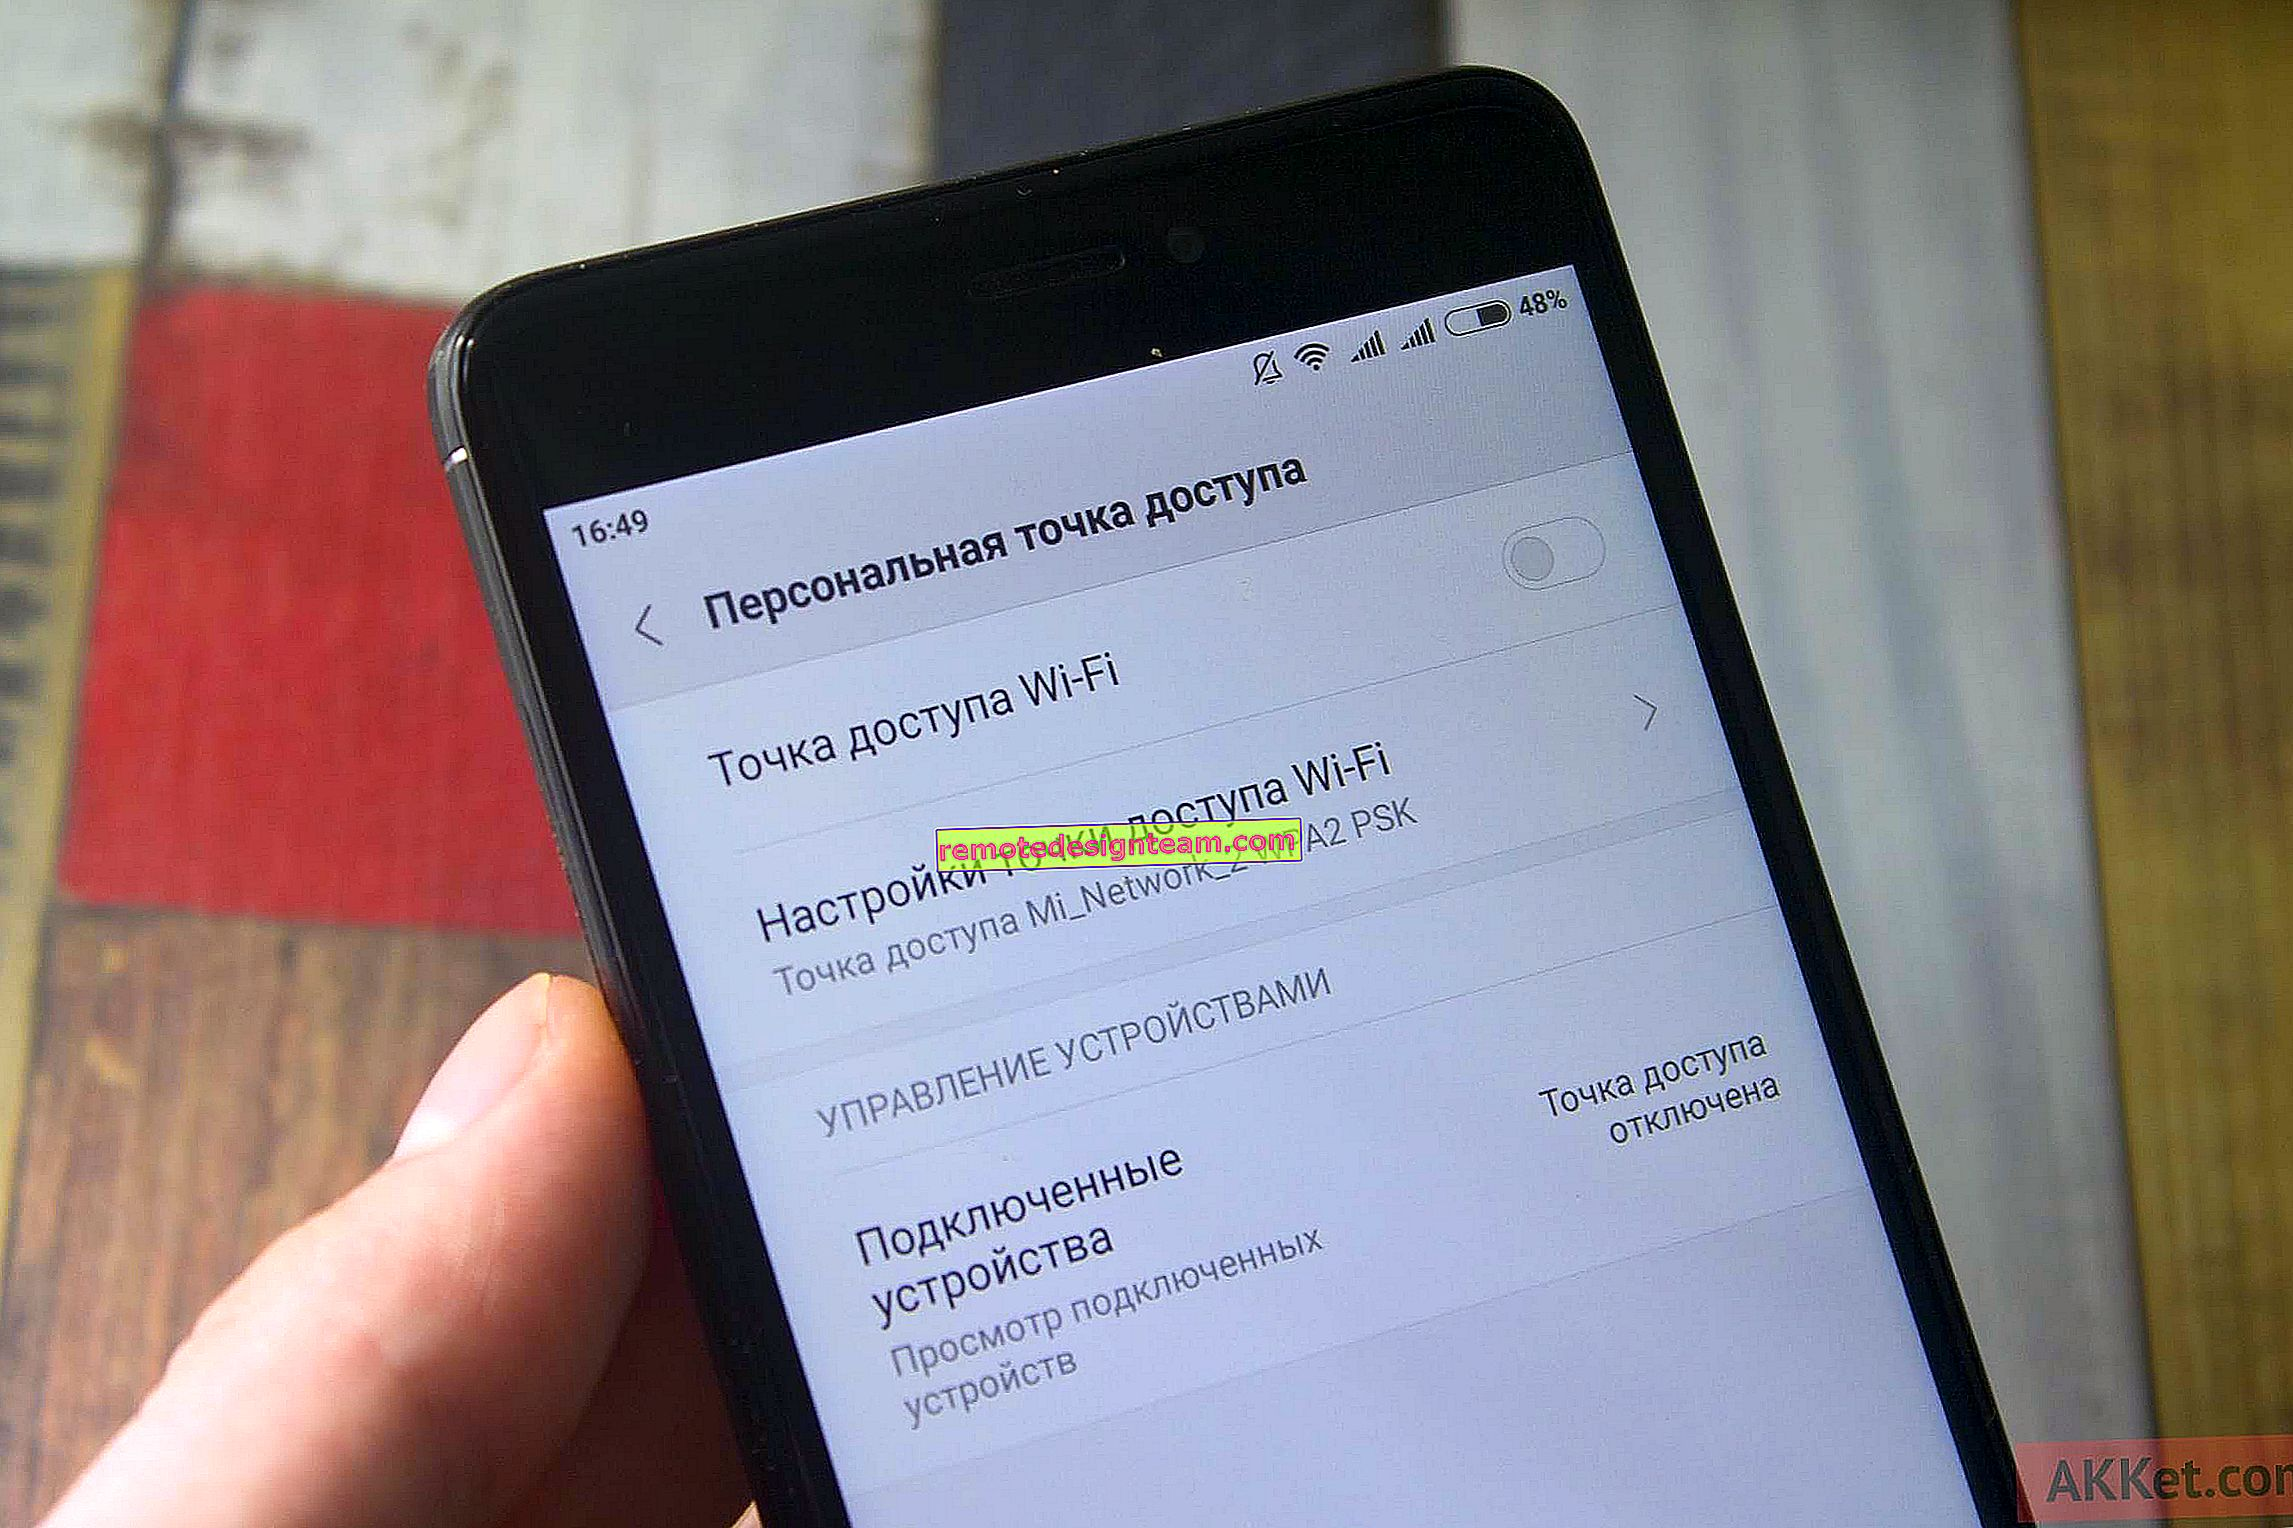 كيفية توزيع الإنترنت عبر Wi-Fi على هاتف ذكي يعمل بنظام Android Meizu